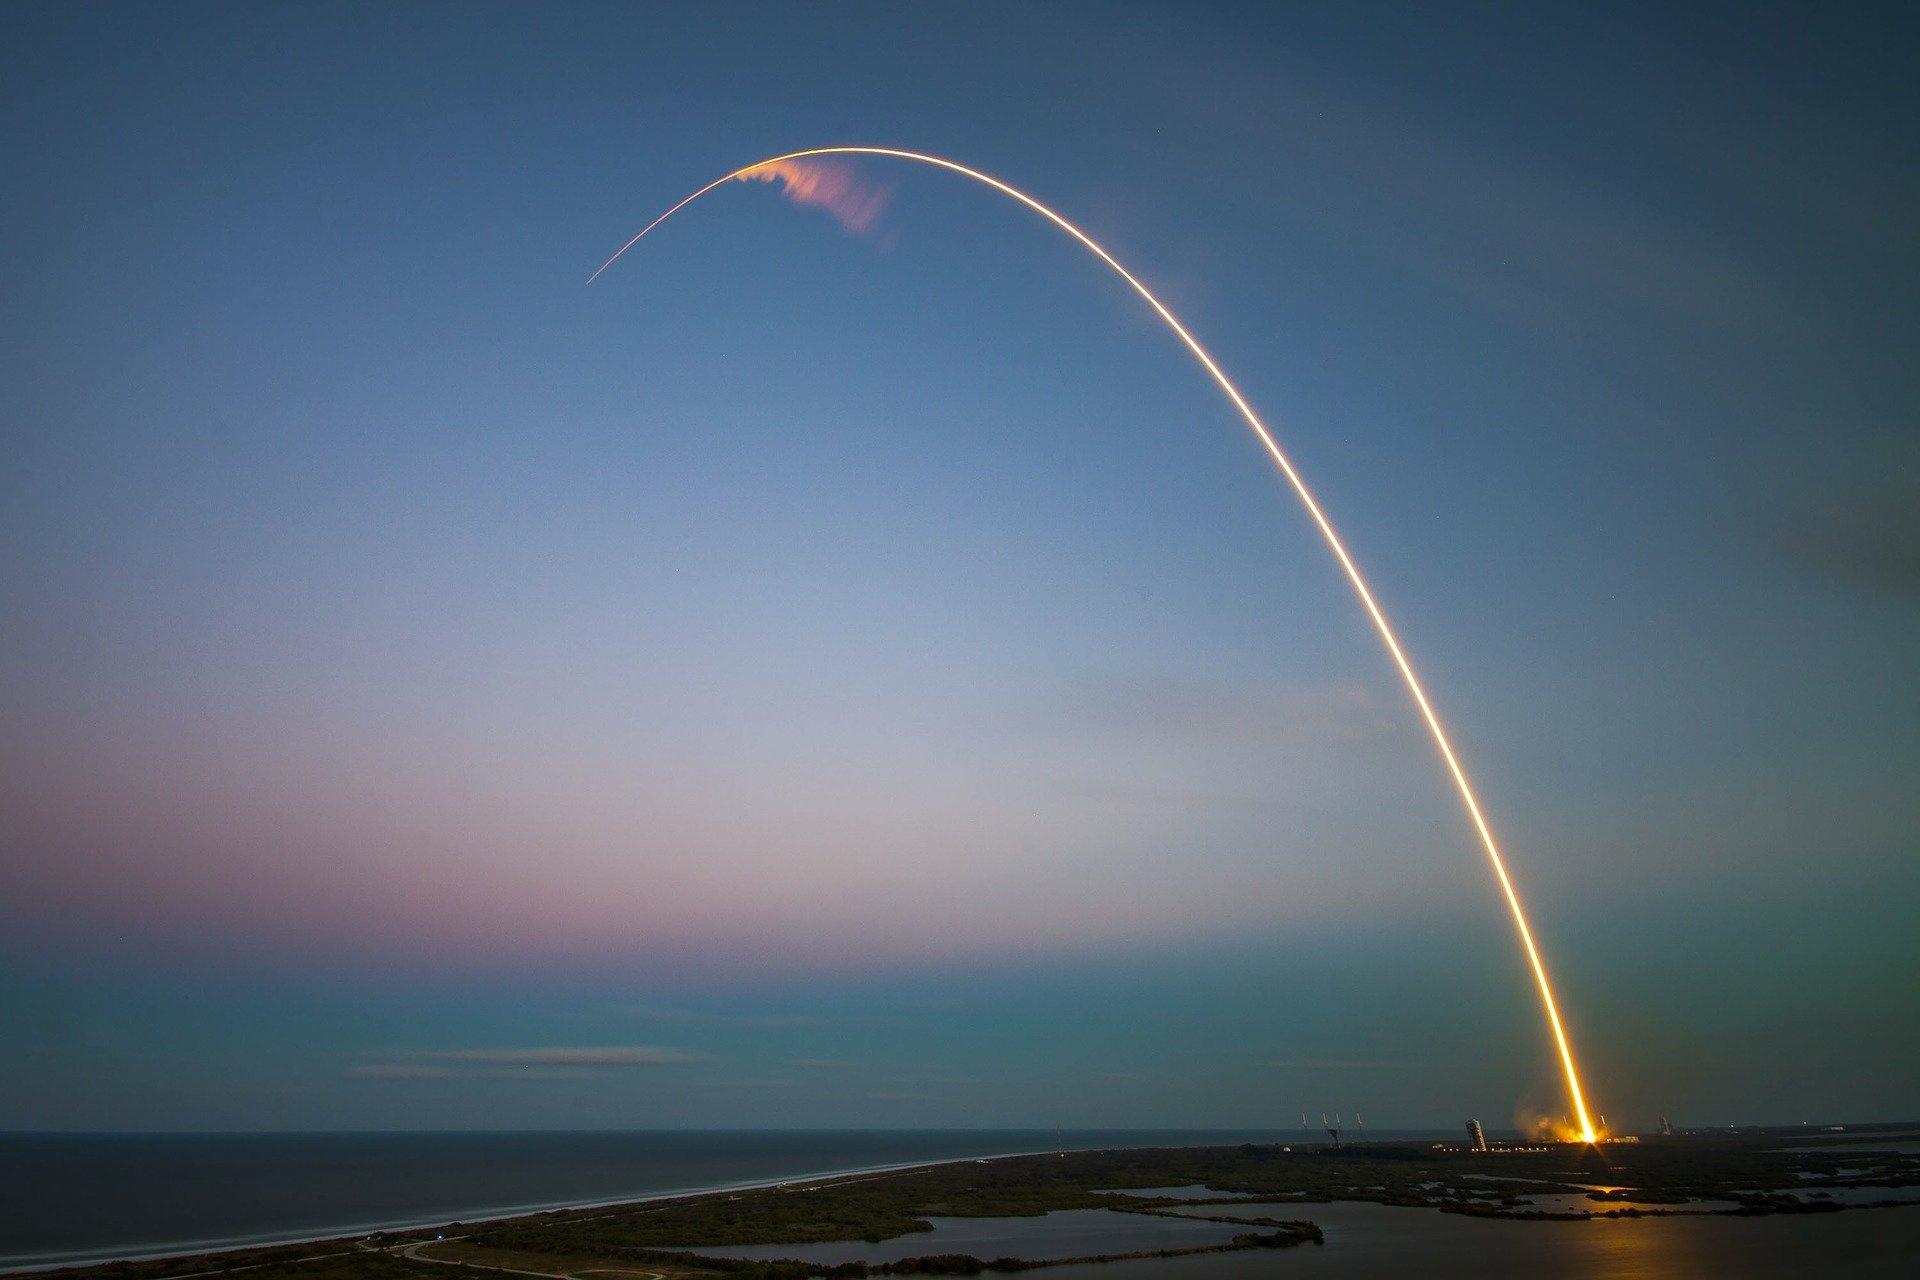 """""""Ударят по евроатлантической солидарности"""". Эксперт оценил угрозы США разместить гиперзвуковые ракеты в Европе"""